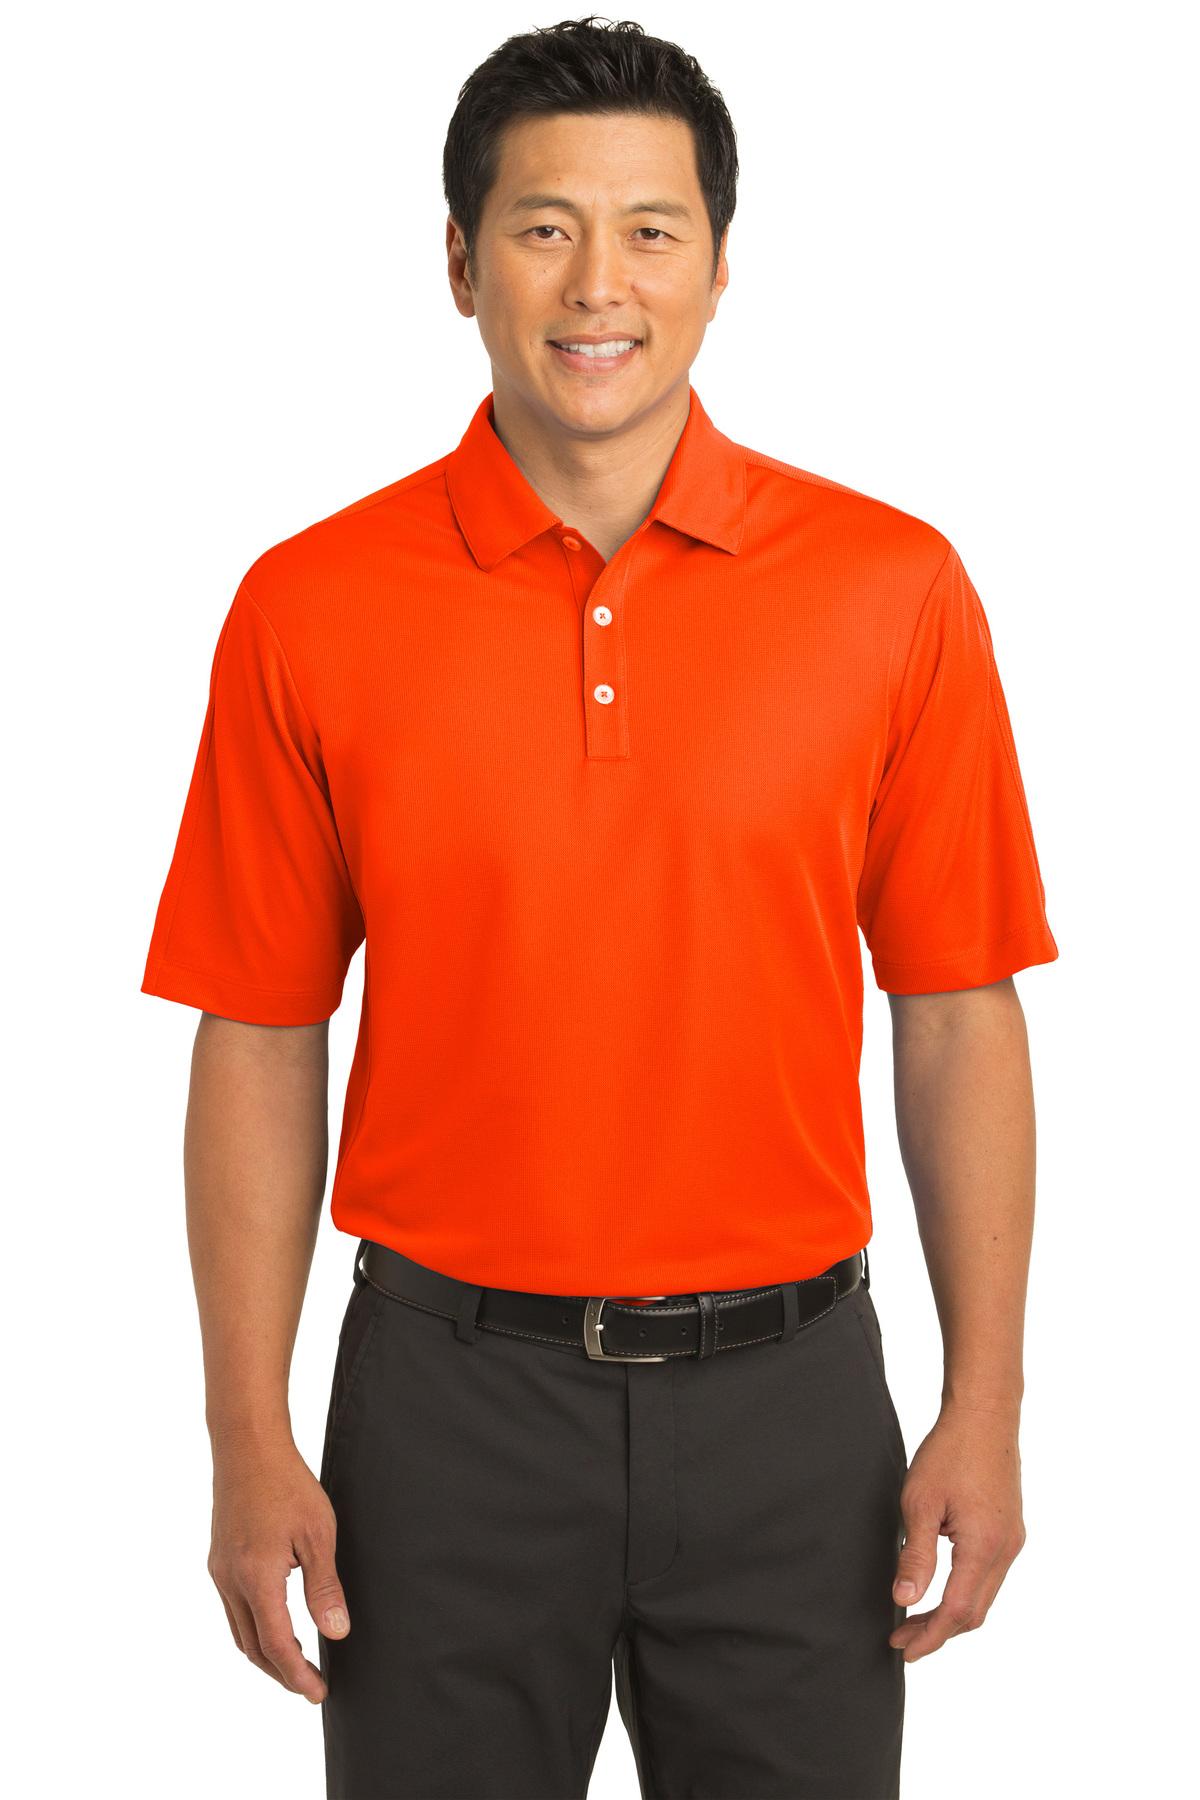 Nike Polo Shirts With Company Logo Joe Maloy